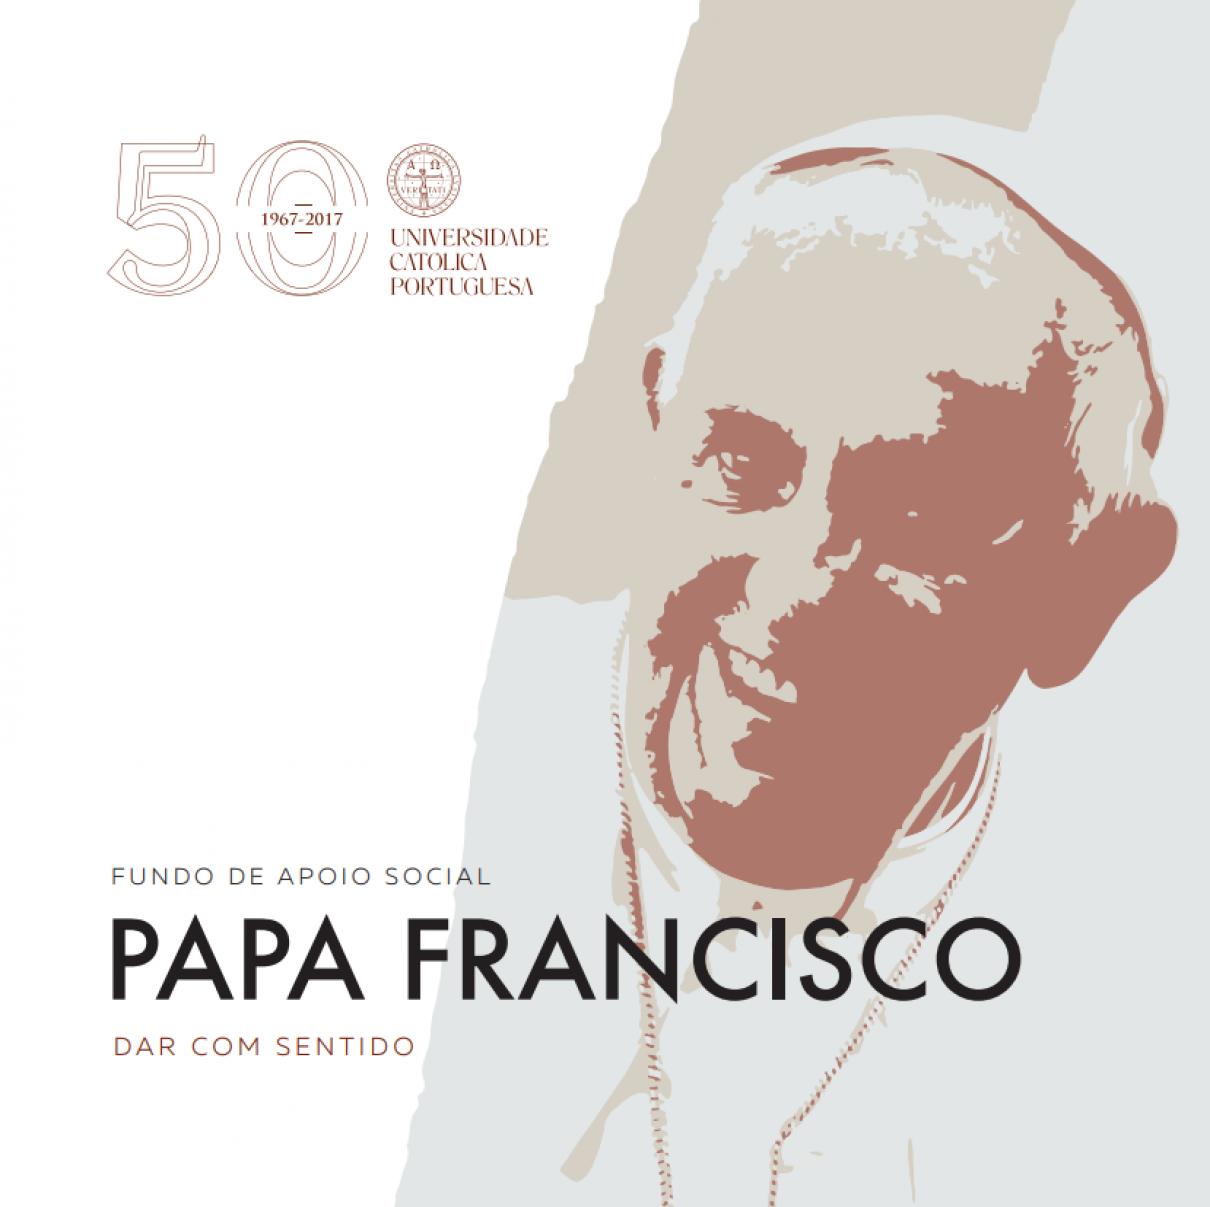 Fundo Apoio Social Papa Francisco